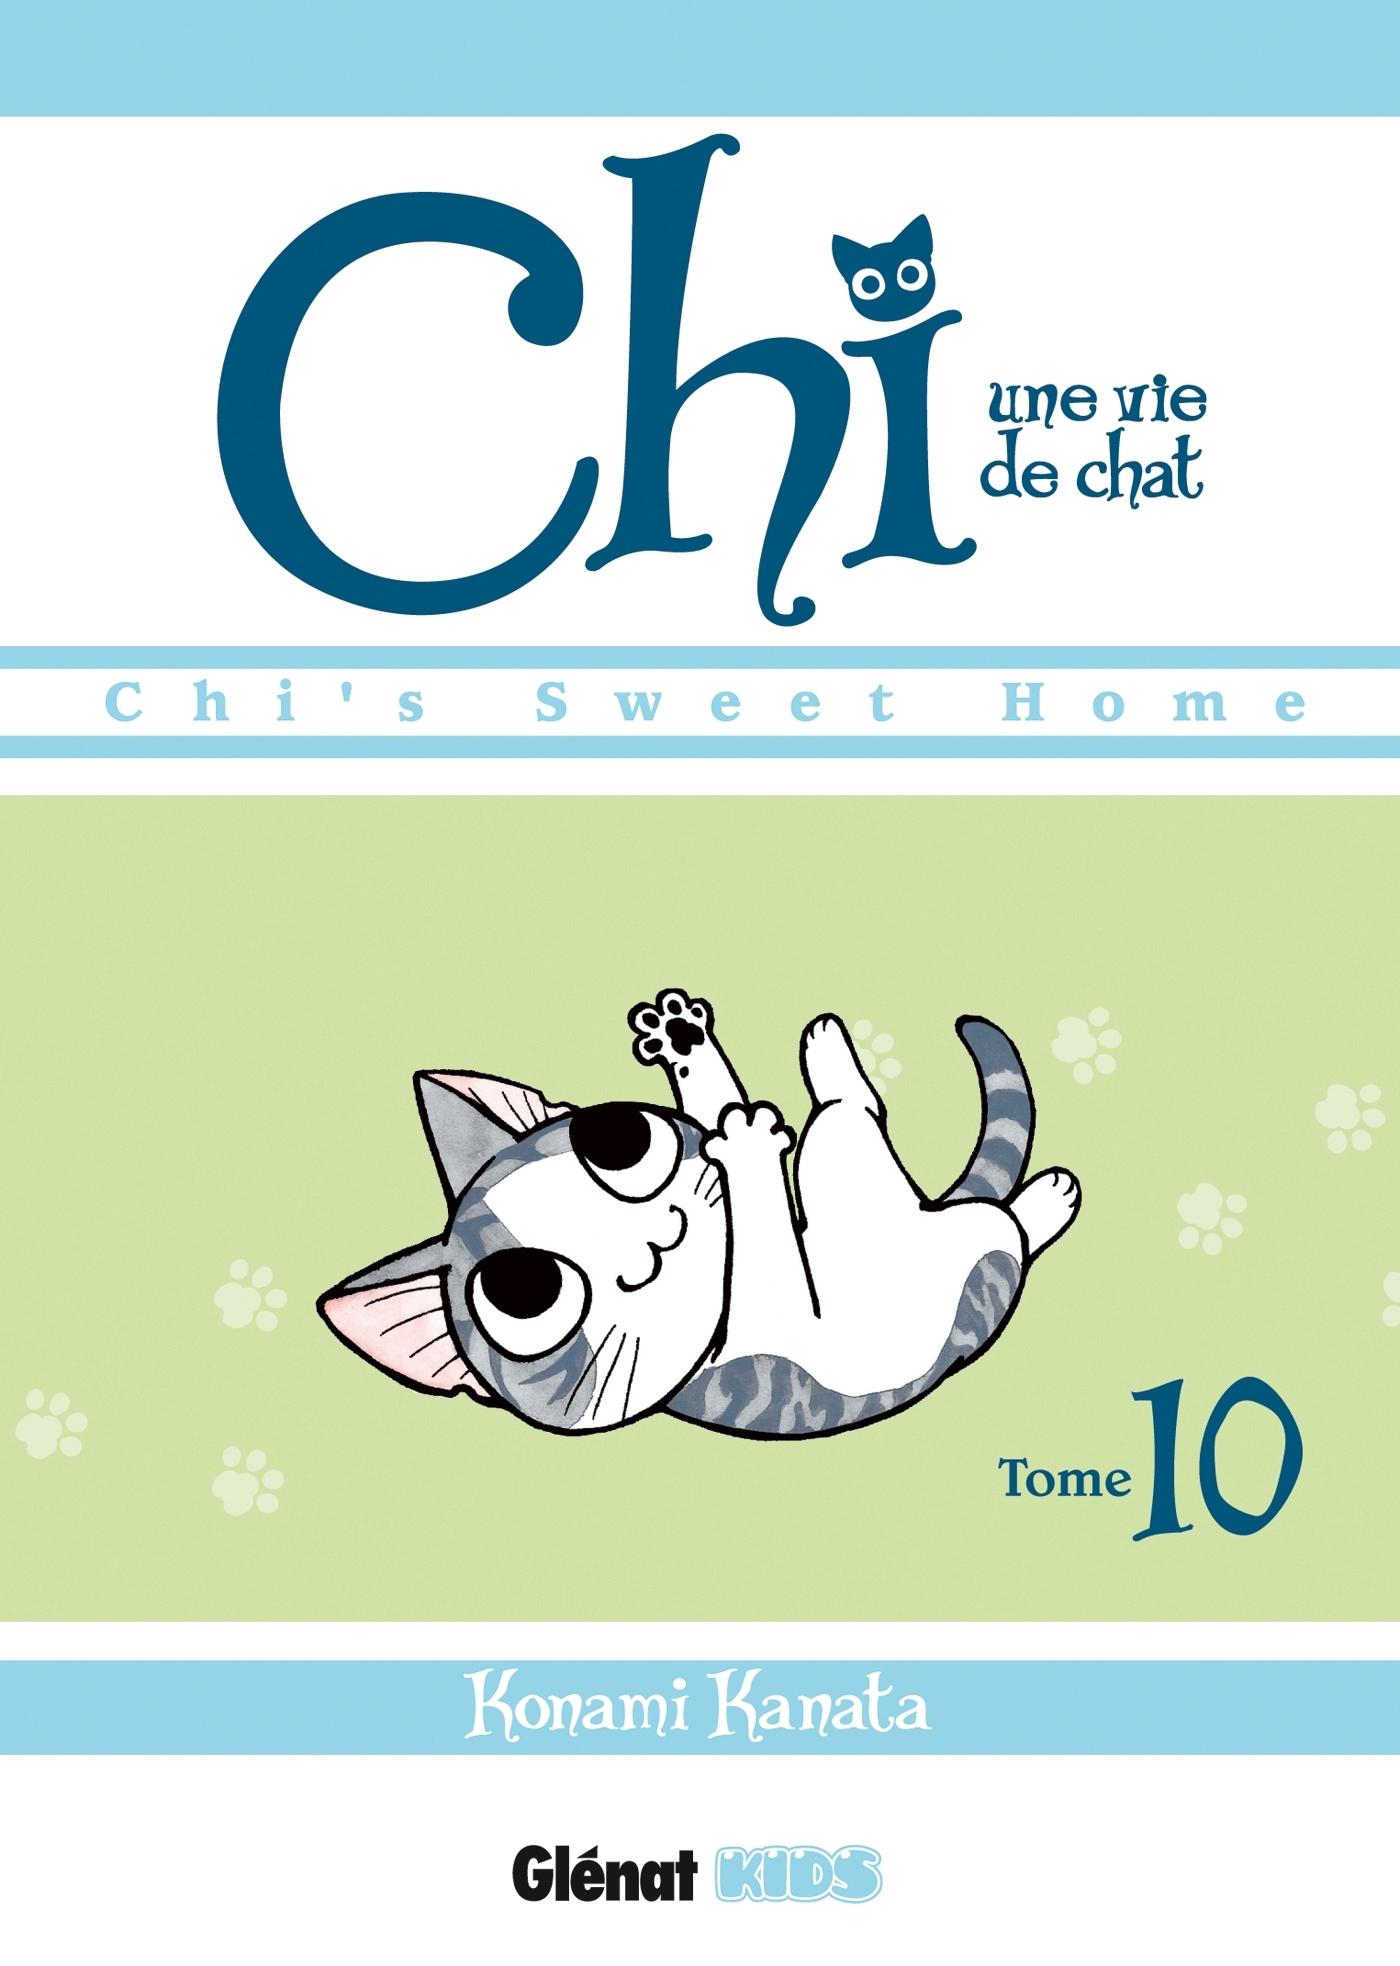 CHI - UNE VIE DE CHAT - TOME 10